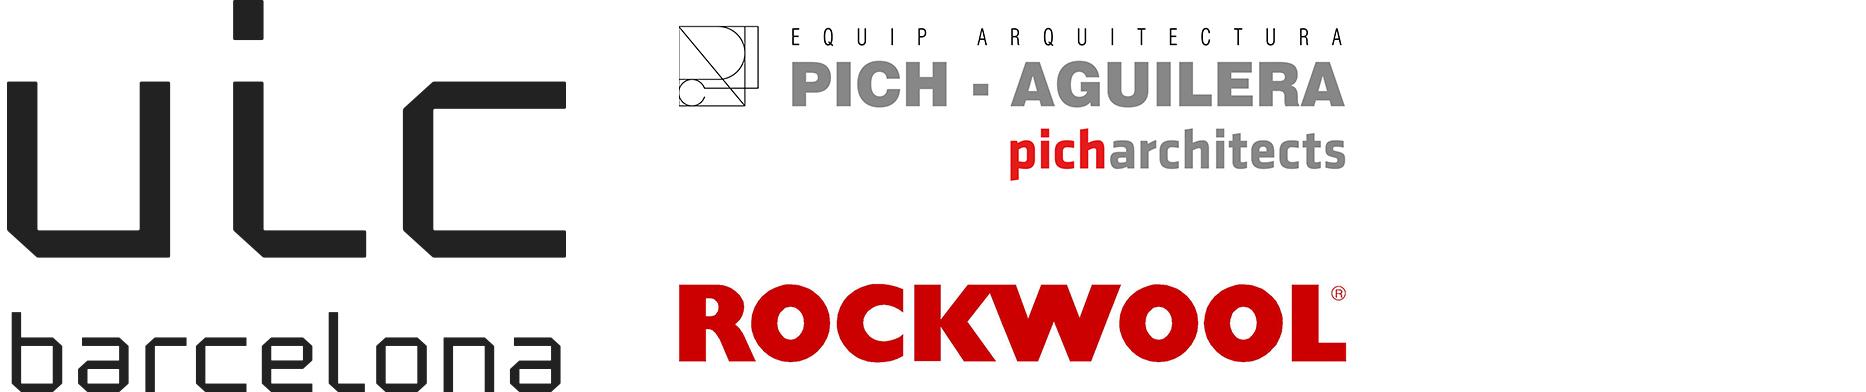 logo-nova-webuic-1v2.0